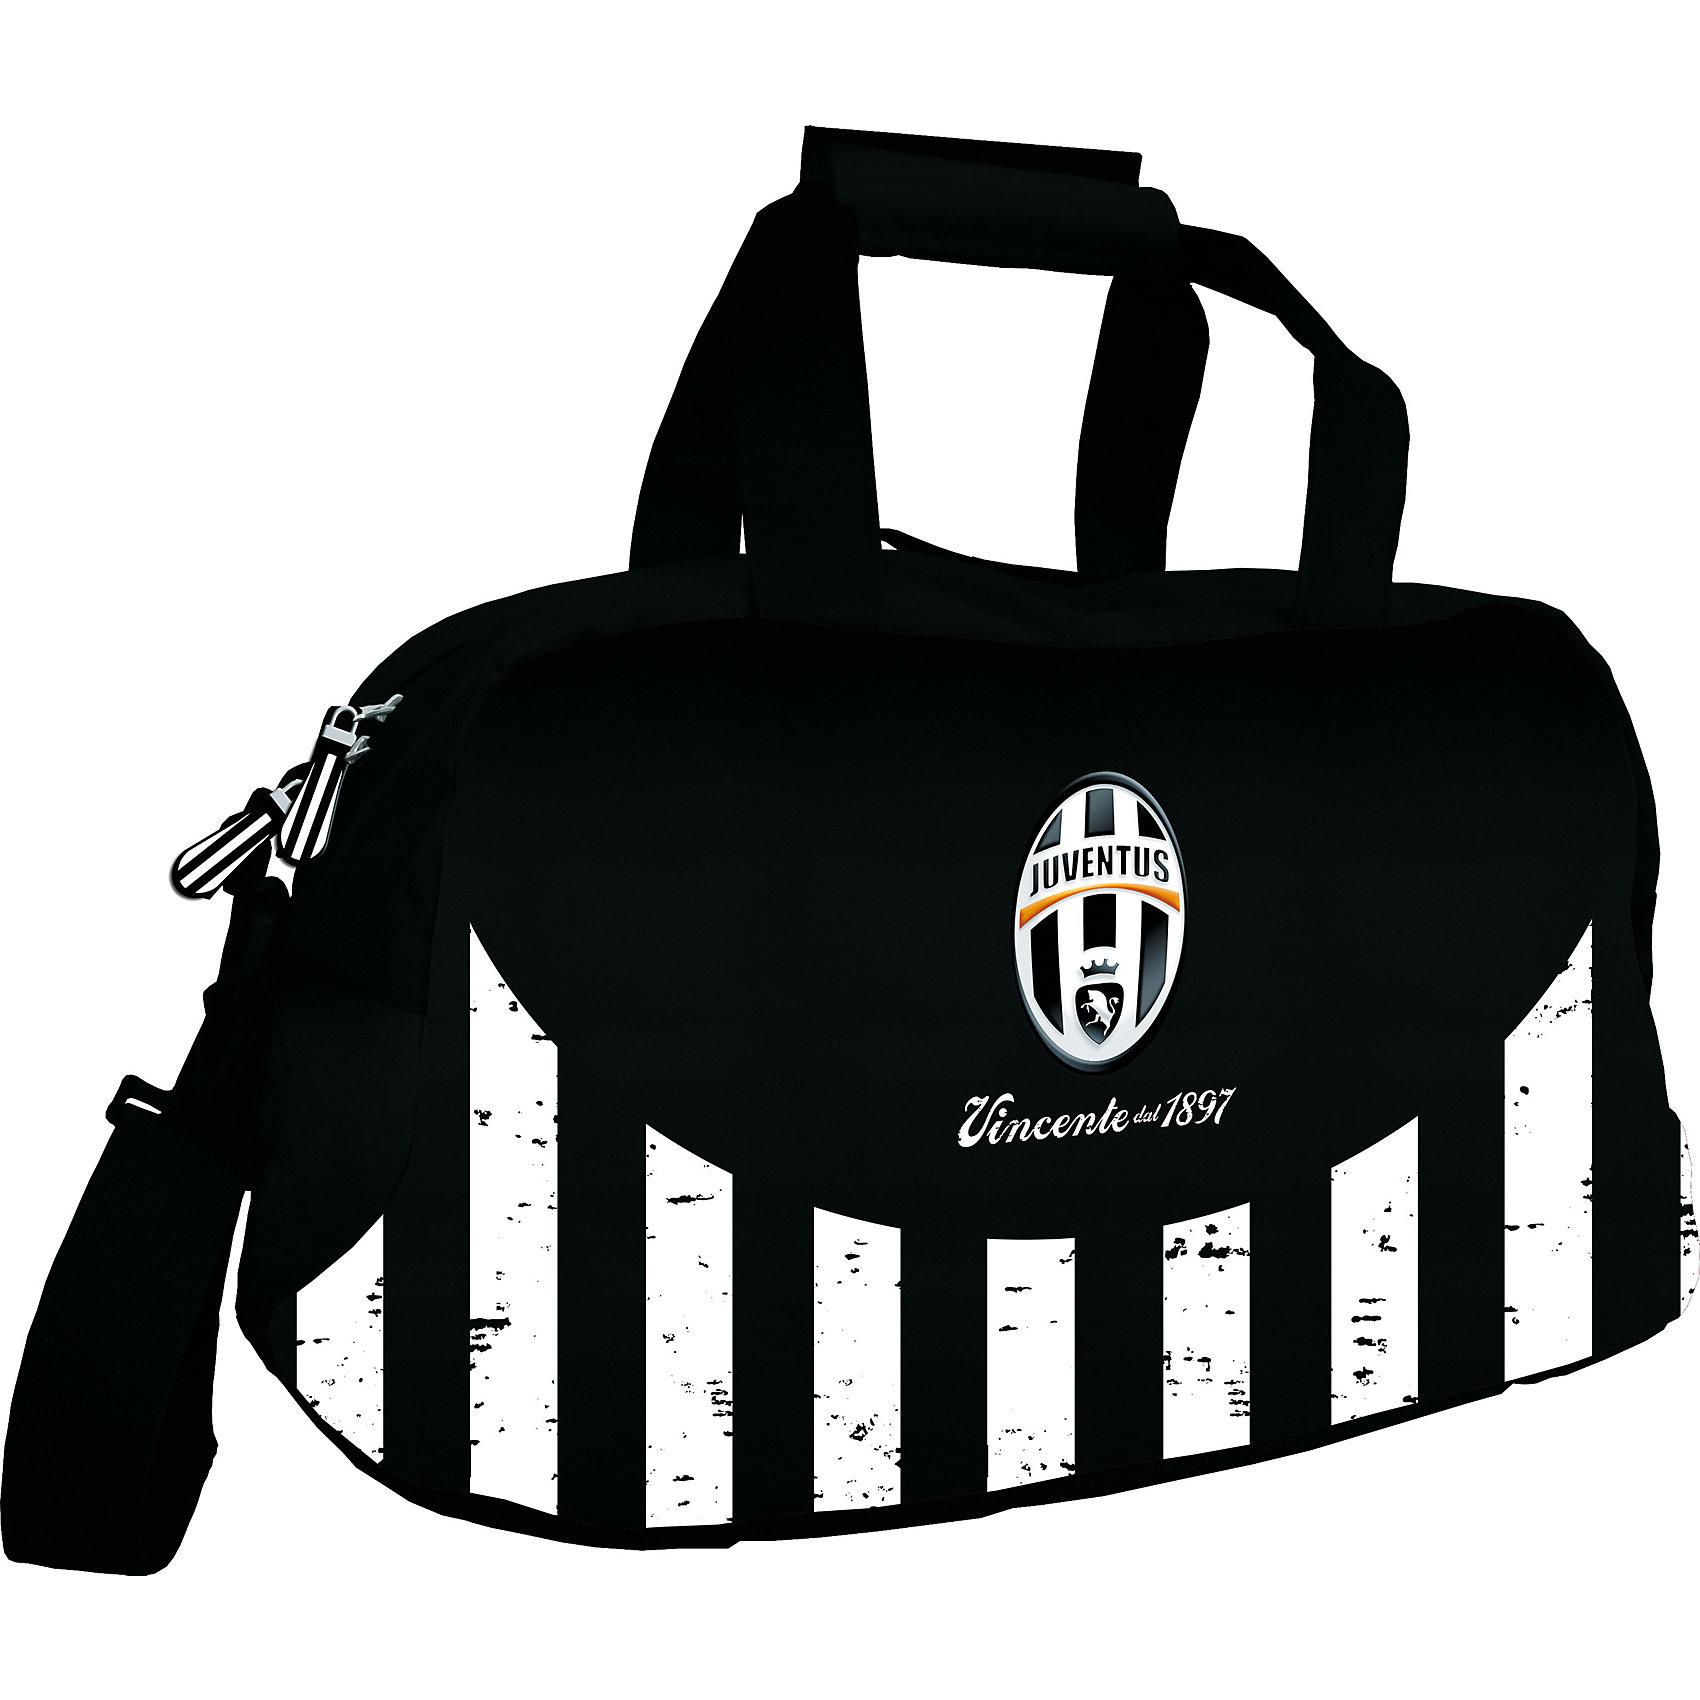 Сумка спортивная, JuventusСумка спортивная, Juventus (Ювентус).<br><br>Характеристики:<br><br>- Размеры: 26х50х15 см<br>- Вес: 484 г<br>- Цвет: черный.<br><br>Удобная, вместительная сумка для похода в спортивные секции. Такую сумку также  можно  использовать, как дорожную, что особенно удобно  в летний период времени, когда дети уезжают в санатории и лагеря. Такая сумка порадует каждого мальчика. Сумка спортивная из прочного, водонепроницаемого материала c боковым карманом и отделением для мобильного телефона. Закрывается сумка на замок – молнию. Сумка декорирована эмблемами и цветами спортивного клуба Juventus (Ювентус).<br><br>Сумку спортивную, Juventus (Ювентус), можно купить в нашем интернет – магазине.<br><br>Ширина мм: 500<br>Глубина мм: 260<br>Высота мм: 150<br>Вес г: 517<br>Возраст от месяцев: 168<br>Возраст до месяцев: 192<br>Пол: Мужской<br>Возраст: Детский<br>SKU: 5218431